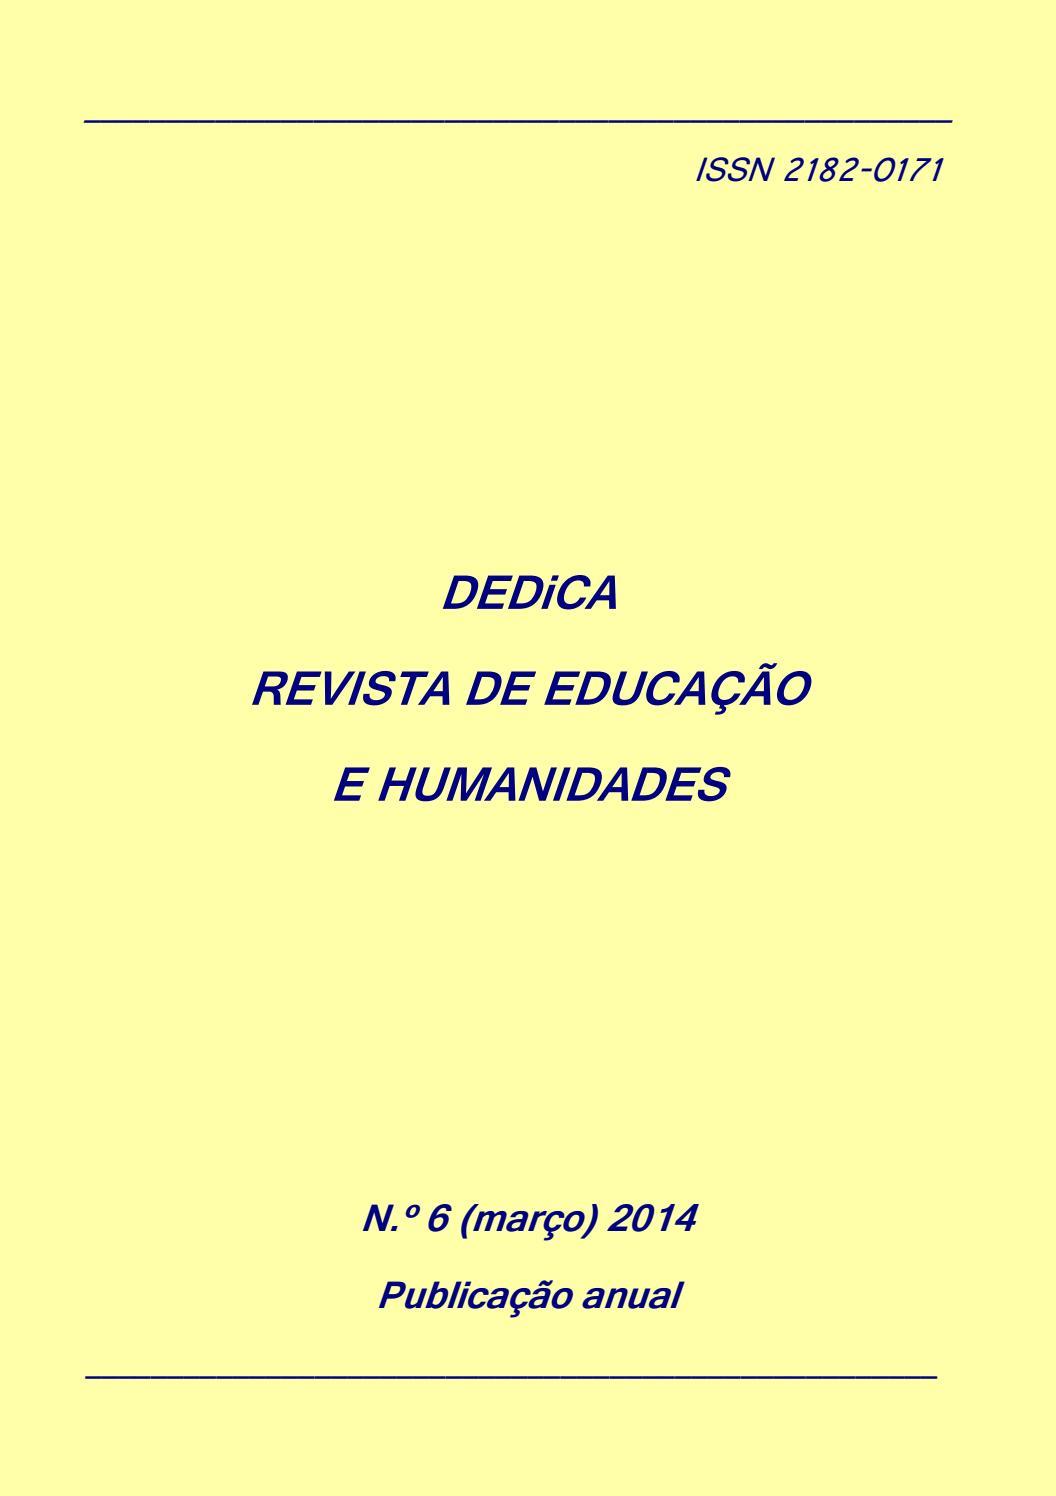 bdfacece531 Dedica nº 6 2014 issn 2182 0171 by DEDiCA. REVISTA DE EDUCAÇÃO E  HUMANIDADES - issuu